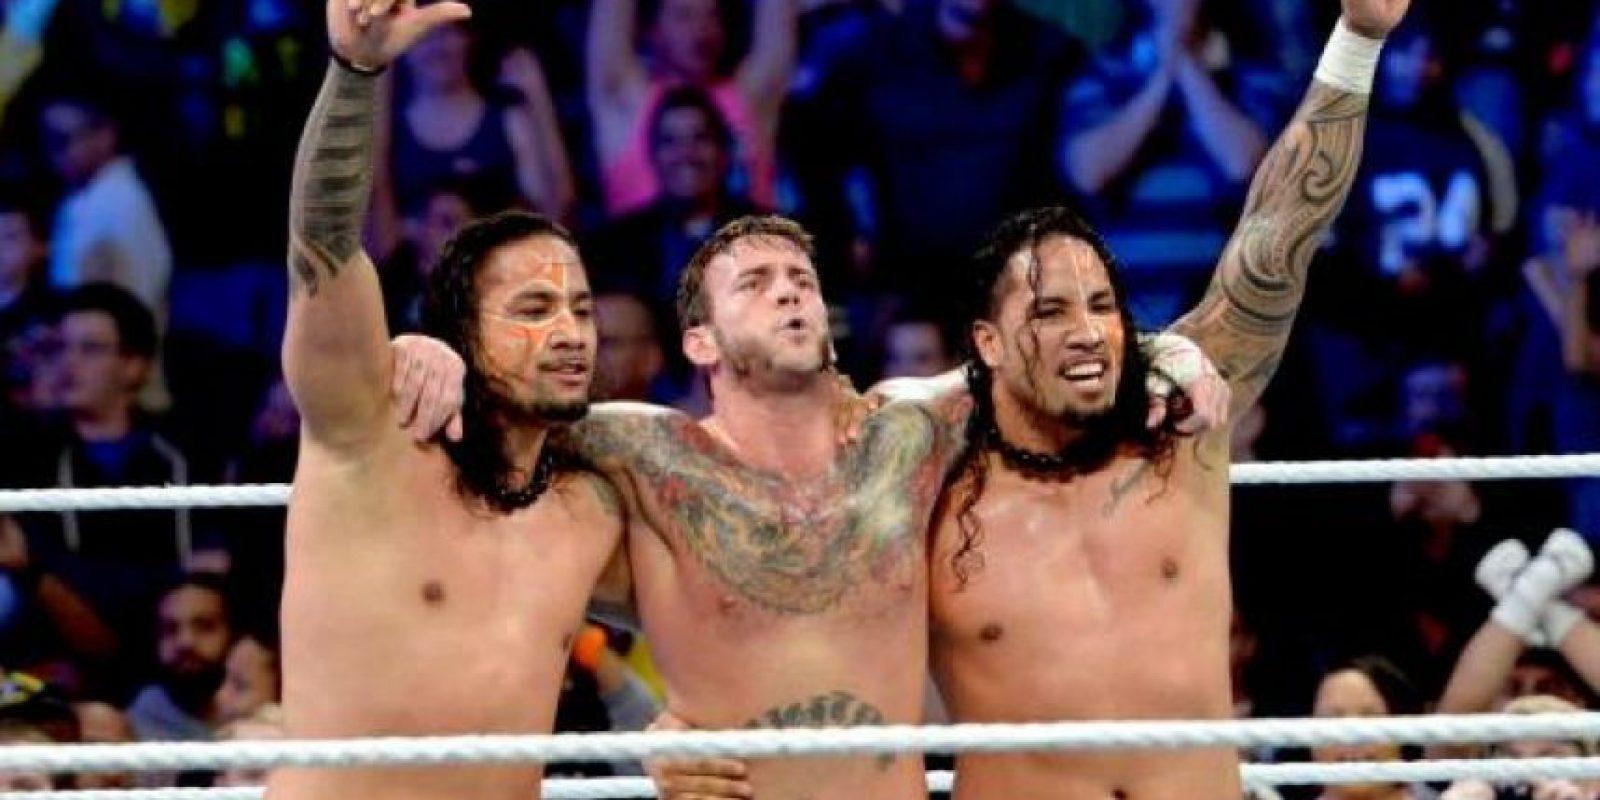 Le negaron esponsorizarse cuando los medios hablaban de él Foto:WWE